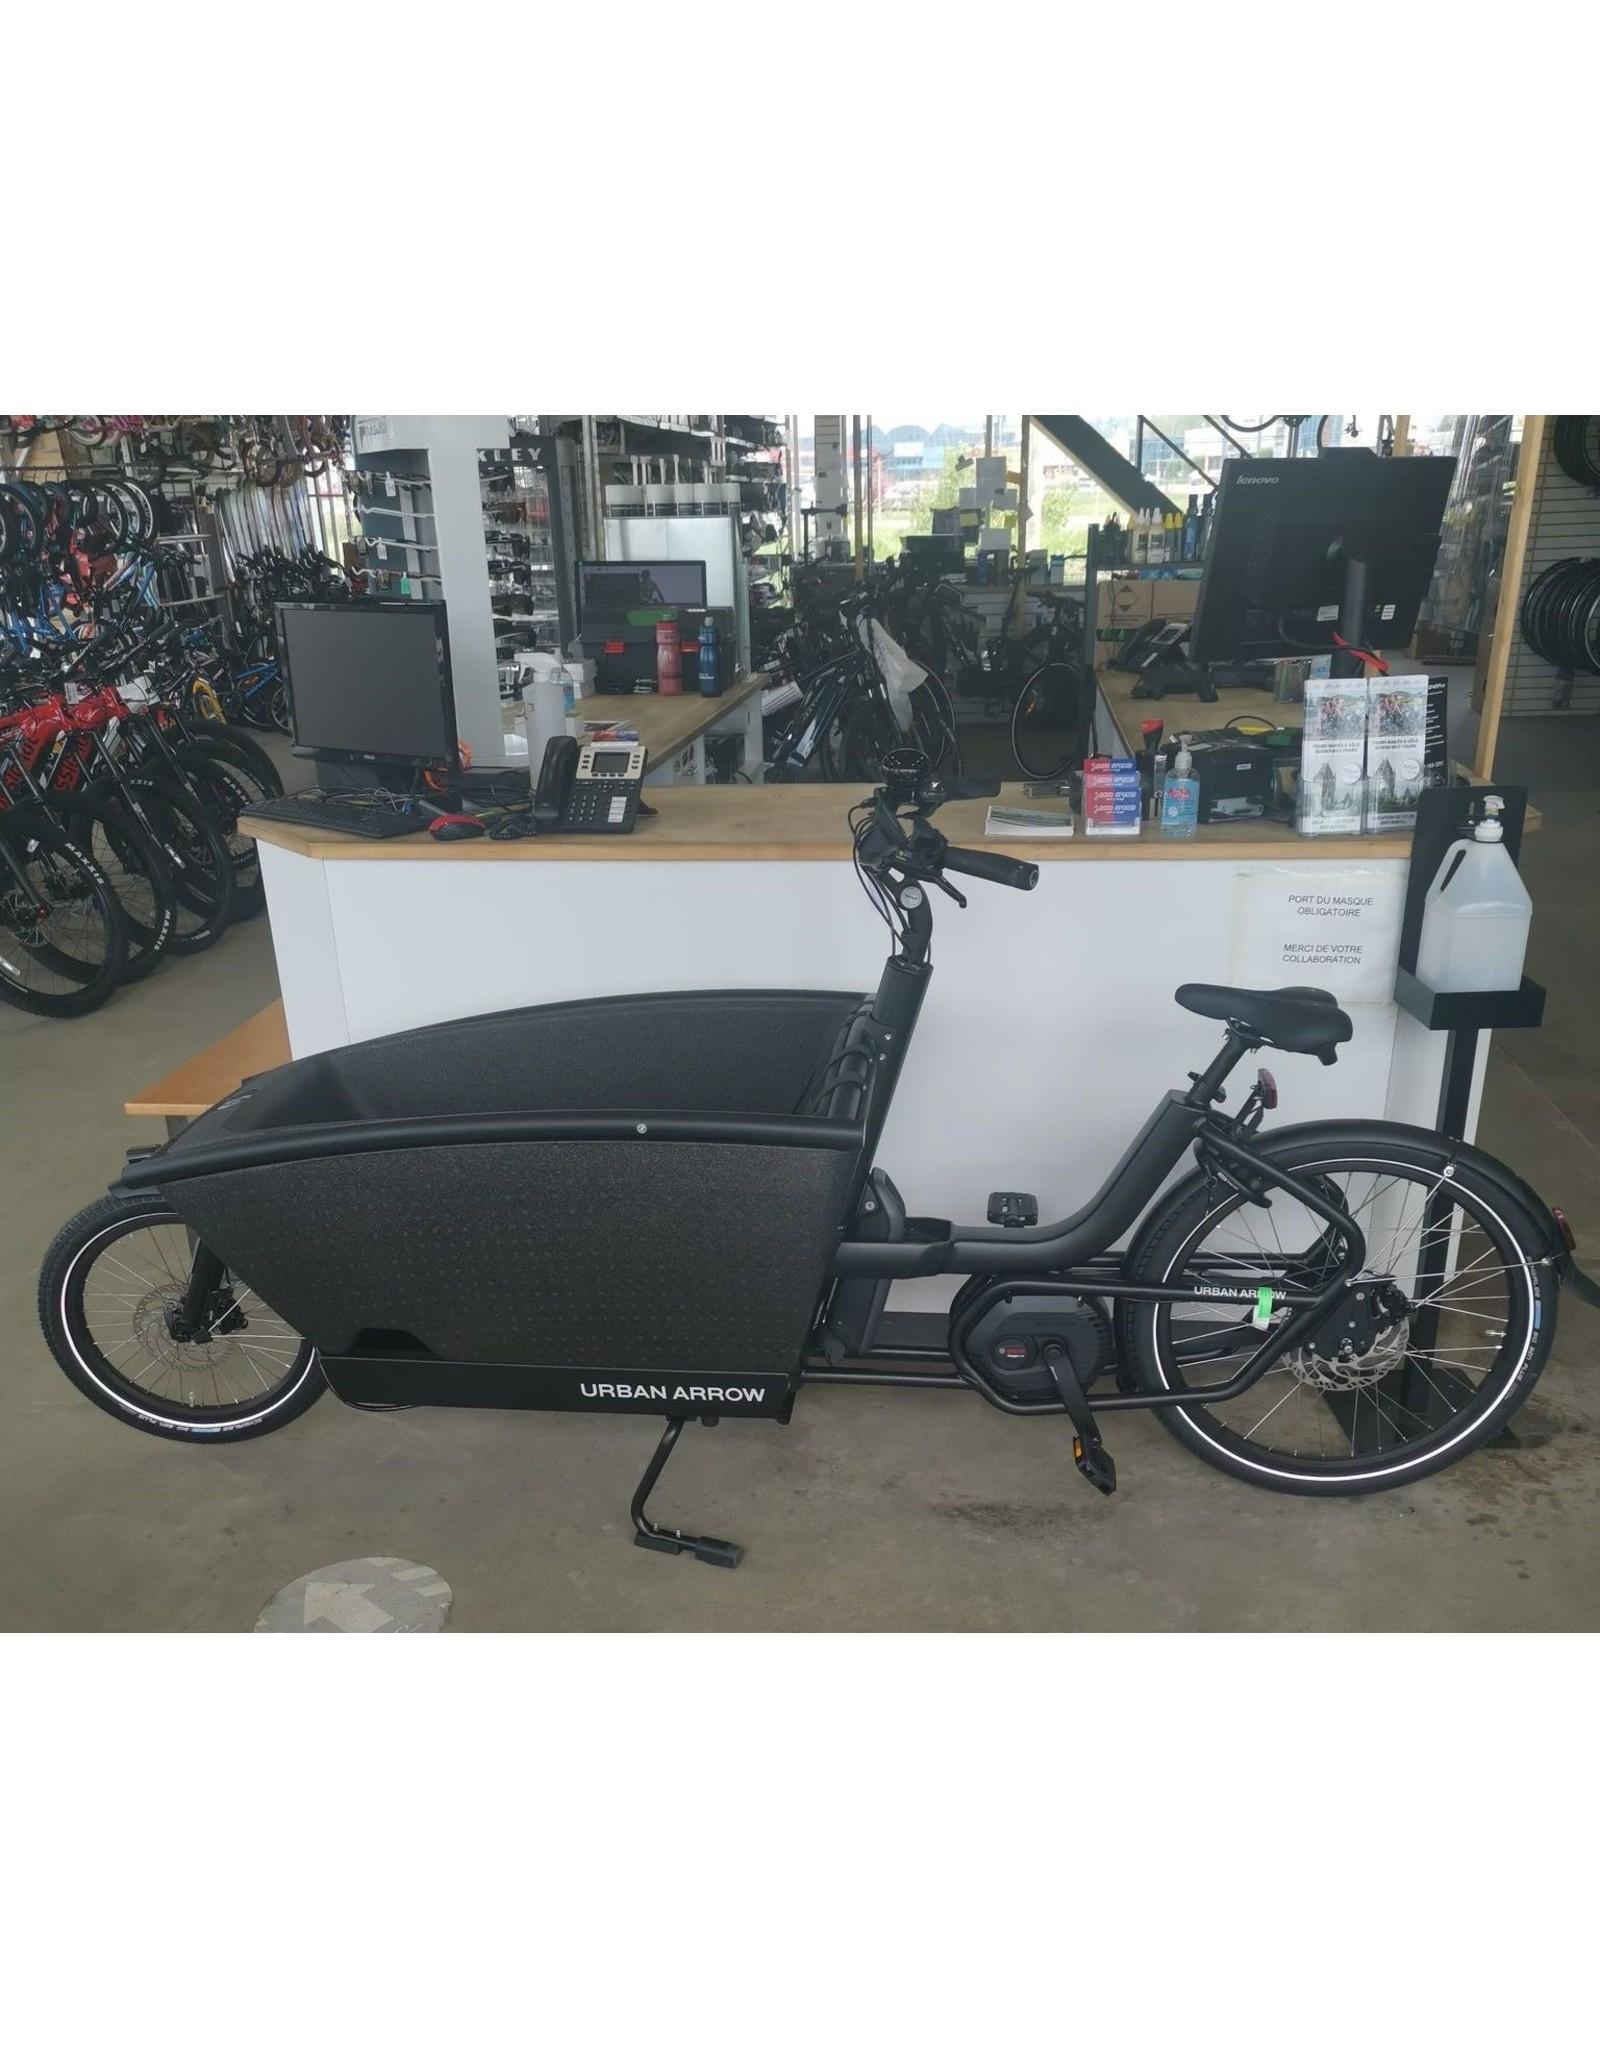 Urban Arrow Urban Arrow FAMILY - Bosch Cargo Line black vélo cargo électrique